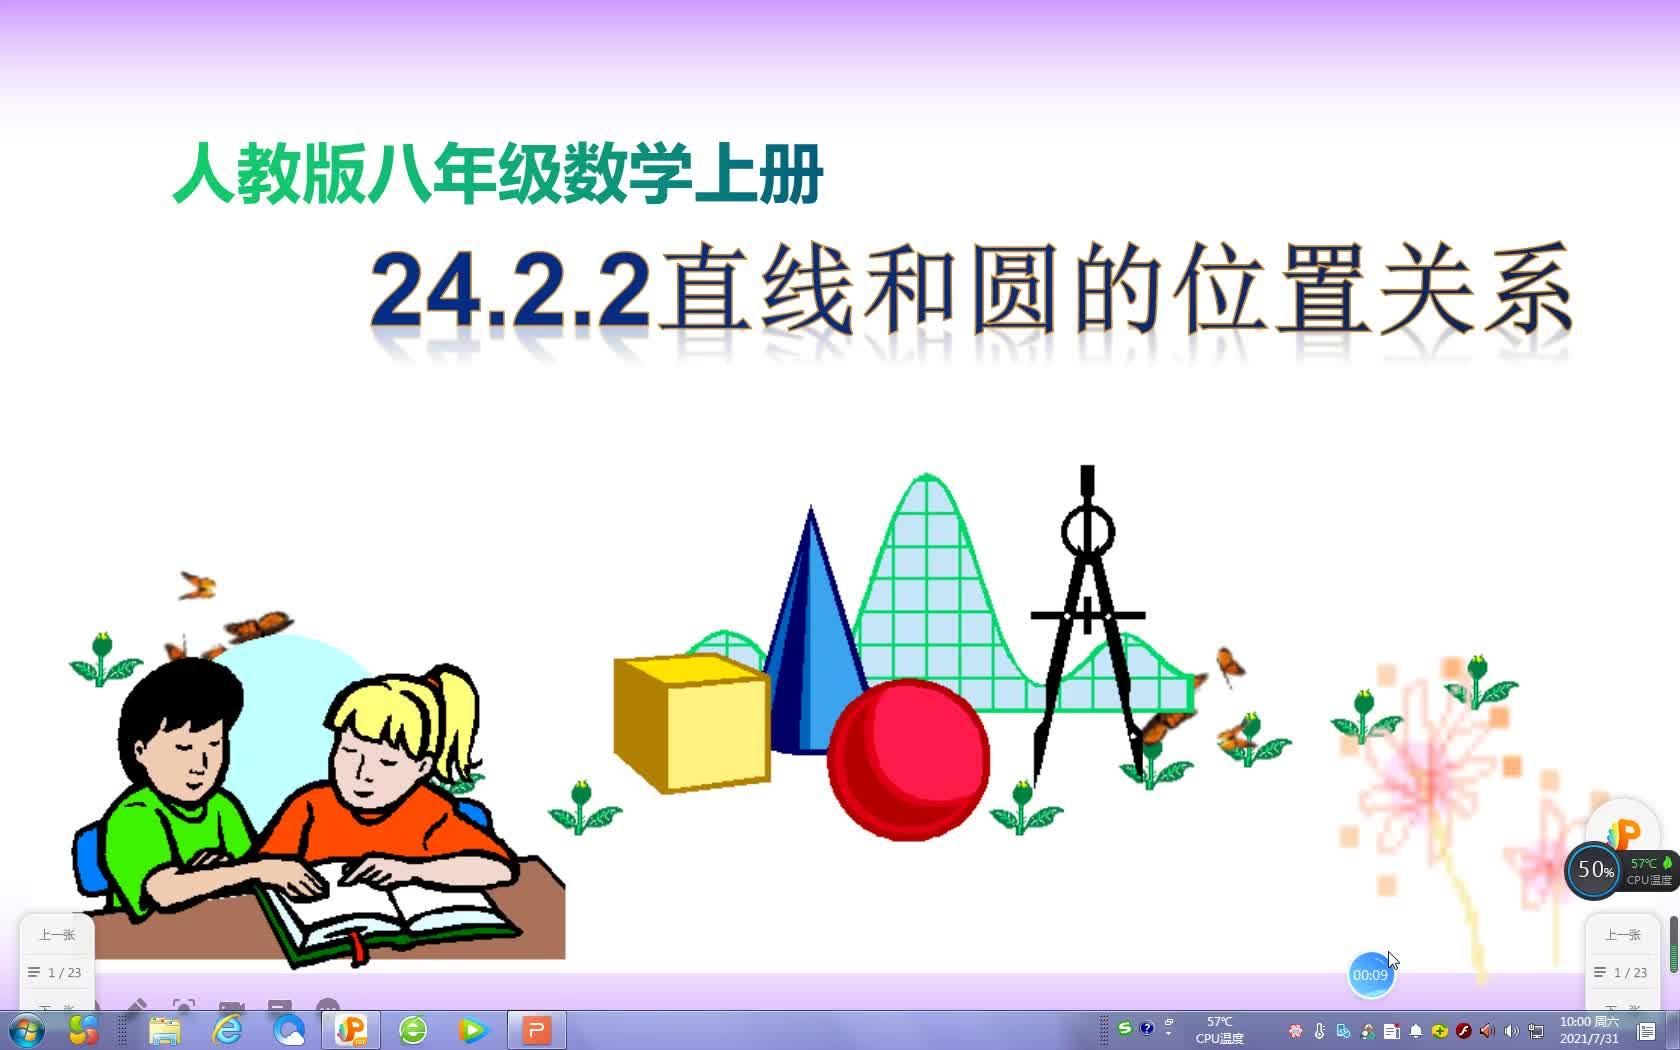 24.2.2直线和圆的位置关系视频微课 2021--2022学年人教版数学九年级上册